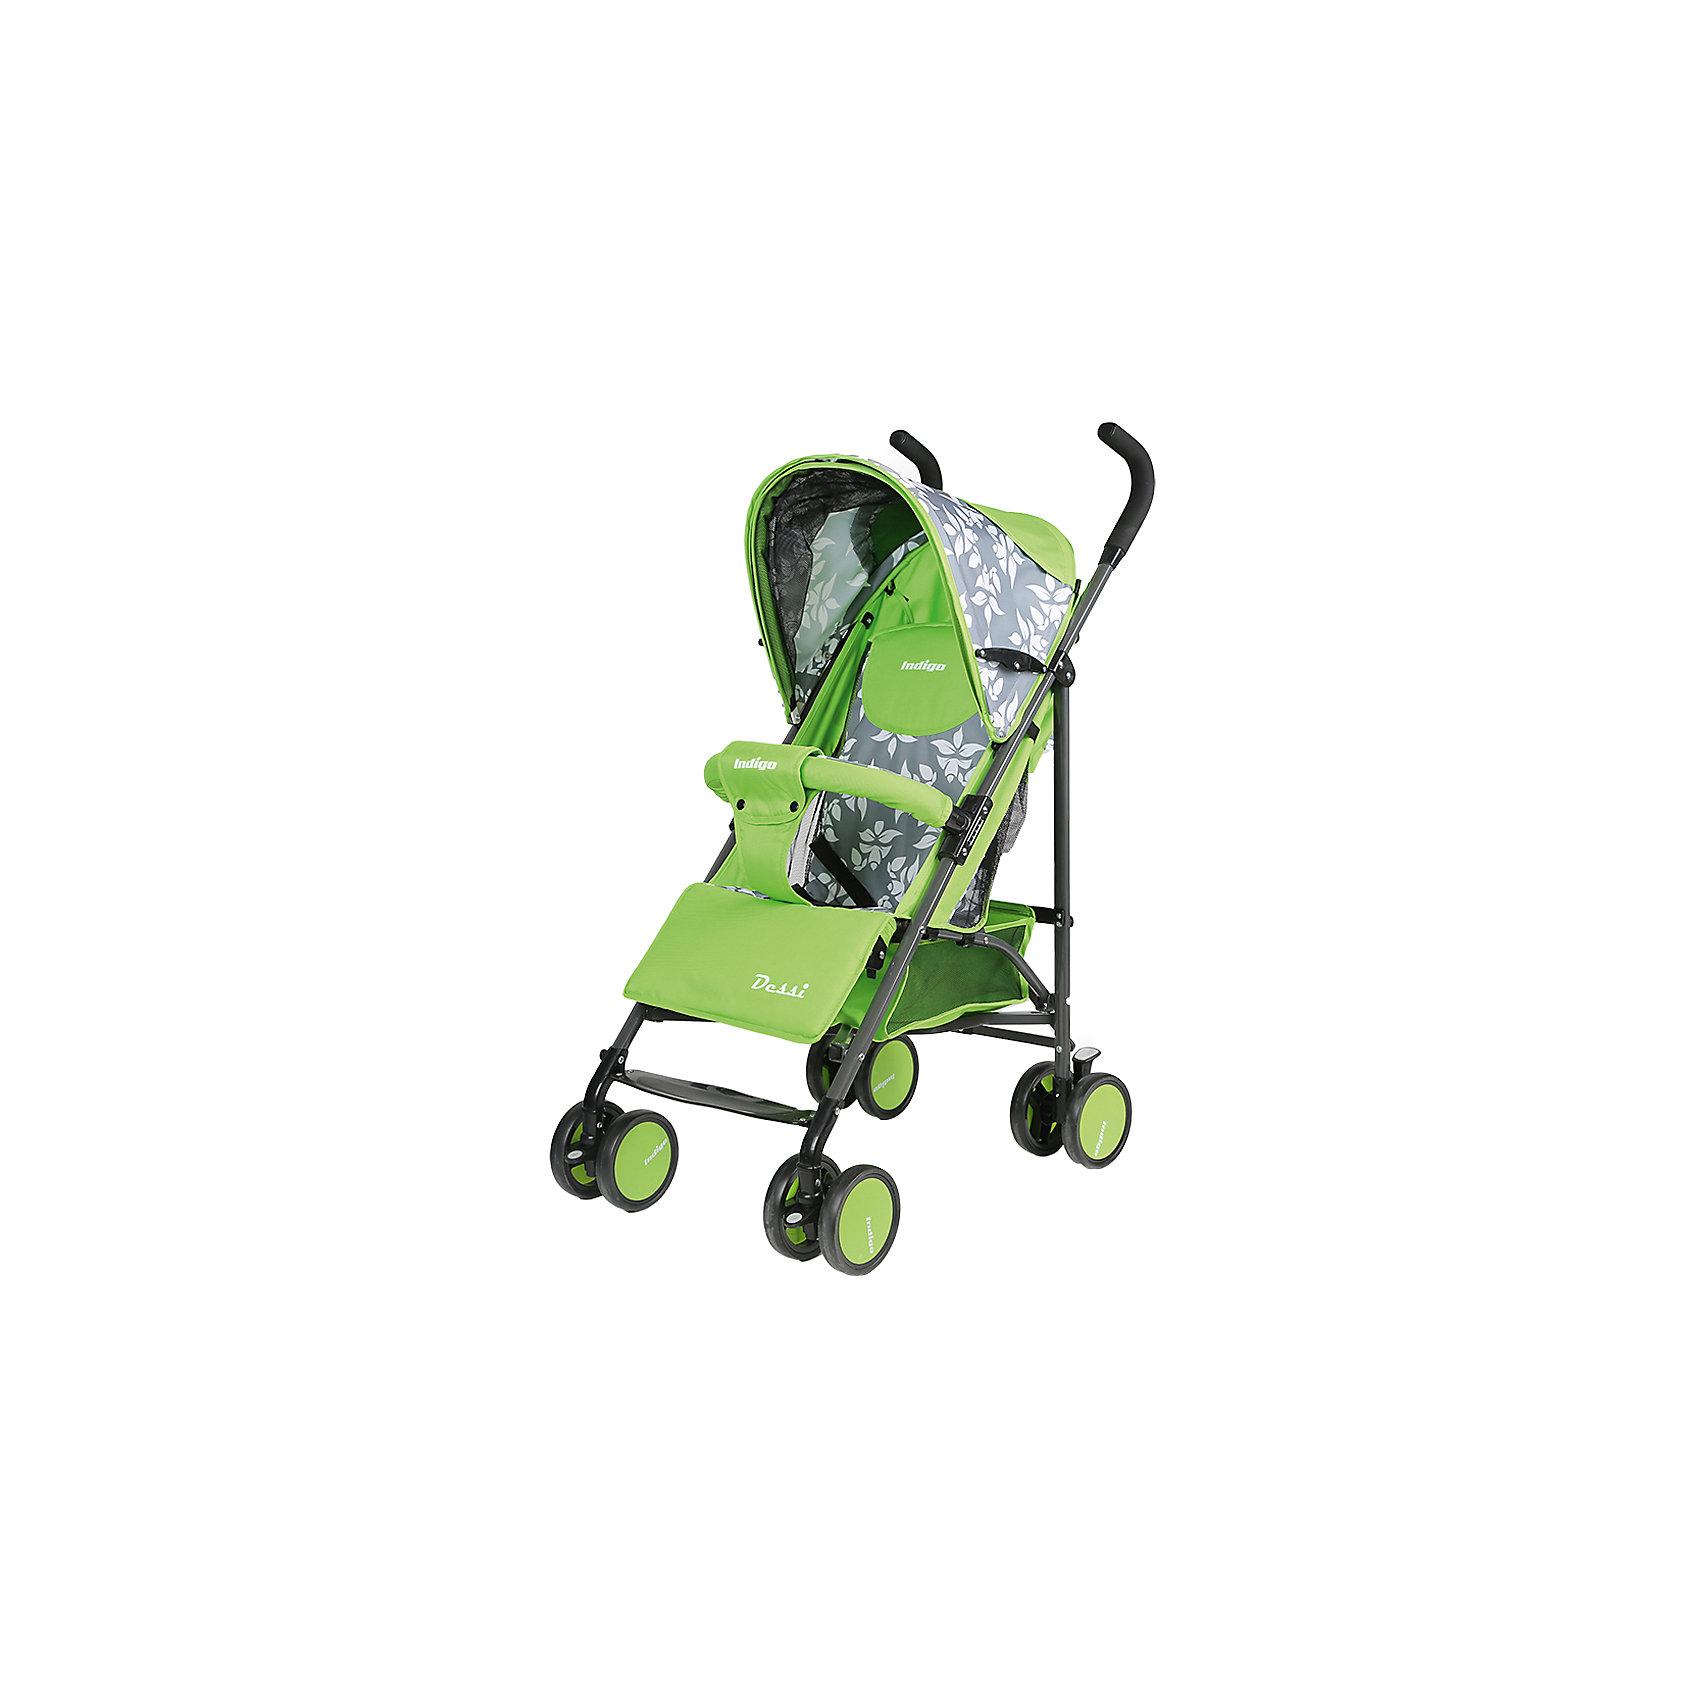 Коляска-трость Indigo DESSI, зеленыйНедорогие коляски<br>Характеристики коляски-трости Indigo DESSI<br><br>Прогулочный блок:<br><br>• регулируемая спинка: угол наклона 165 градусов;<br>• регулируемая подножка, 2 положения;<br>• 2-х точечные ремни безопасности;<br>• смотровое сетчатое окошко под клапаном на липучке; <br>• капюшон оснащен дополнительной сетчатой вставкой;<br>• кармашек под клапаном;<br>• фиксированный бампер не снимается, обтянут тканью;<br>• имеется разделитель для ножек.<br><br>Рама коляски: <br><br>• сдвоенные колеса: плавающие передние с блокировкой, задние оснащены тормозом;<br>• механизм складывания: трость;<br>• диаметр колес: 14 см;<br>• материал колес - пластик.<br><br>Размер коляски в сложенном виде: 102х13,5х18 см<br>Вес коляски: 7,7 кг<br>Вес в упаковке: 8 кг<br><br>Коляску-трость DESSI, Indigo, зеленый цвет можно купить в нашем интернет-магазине.<br><br>Ширина мм: 1020<br>Глубина мм: 135<br>Высота мм: 180<br>Вес г: 4000<br>Возраст от месяцев: 12<br>Возраст до месяцев: 36<br>Пол: Унисекс<br>Возраст: Детский<br>SKU: 5511822